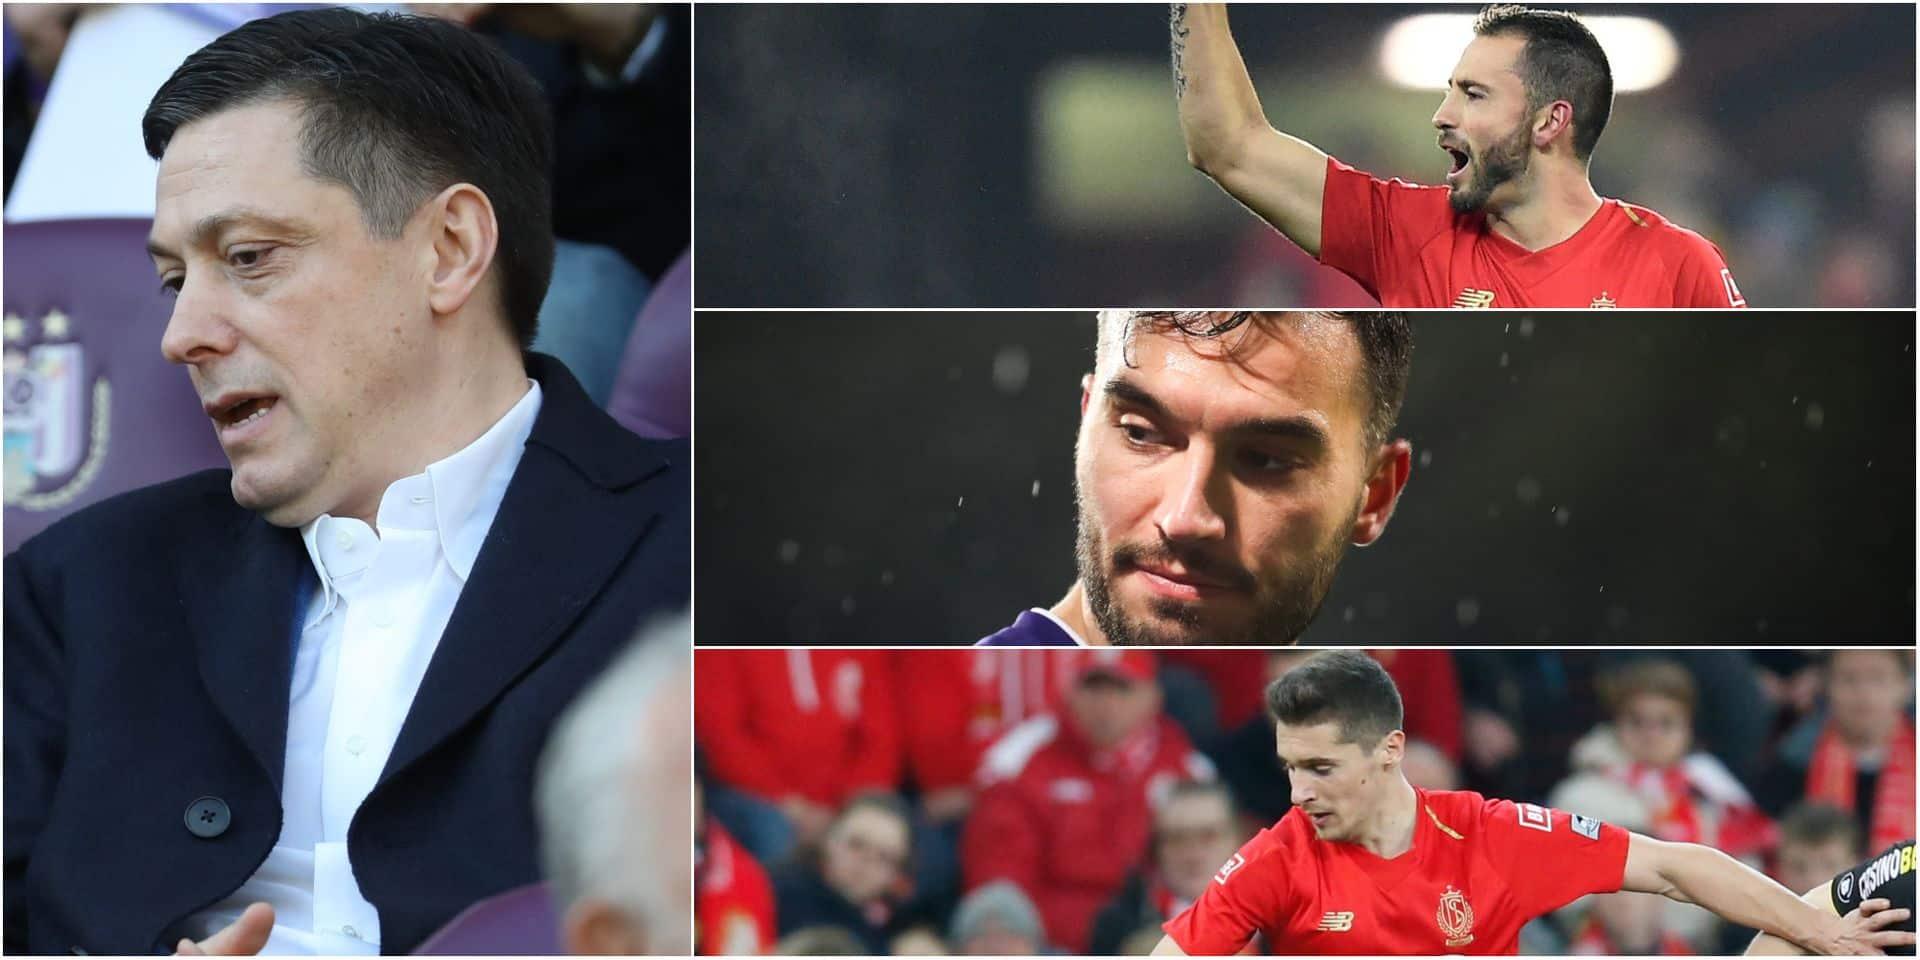 Kosanovic, Obradovic et Cimirot: ces transferts douteux orchestrés par Veljkovic